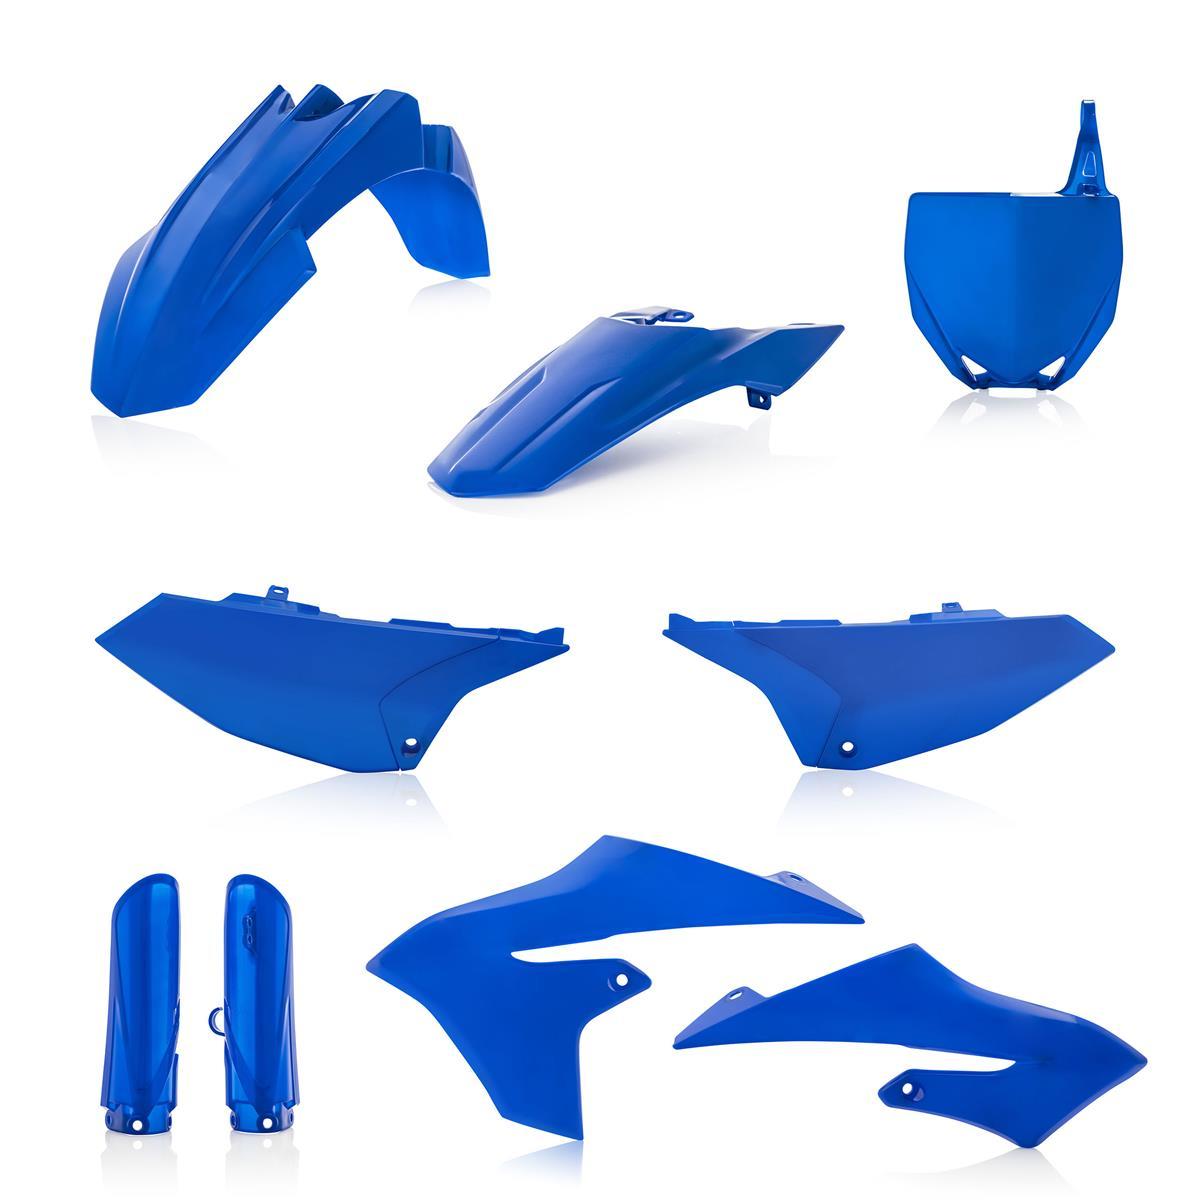 acerbis-plastik-kit-plastic-kit-full-kit-1 (2)65